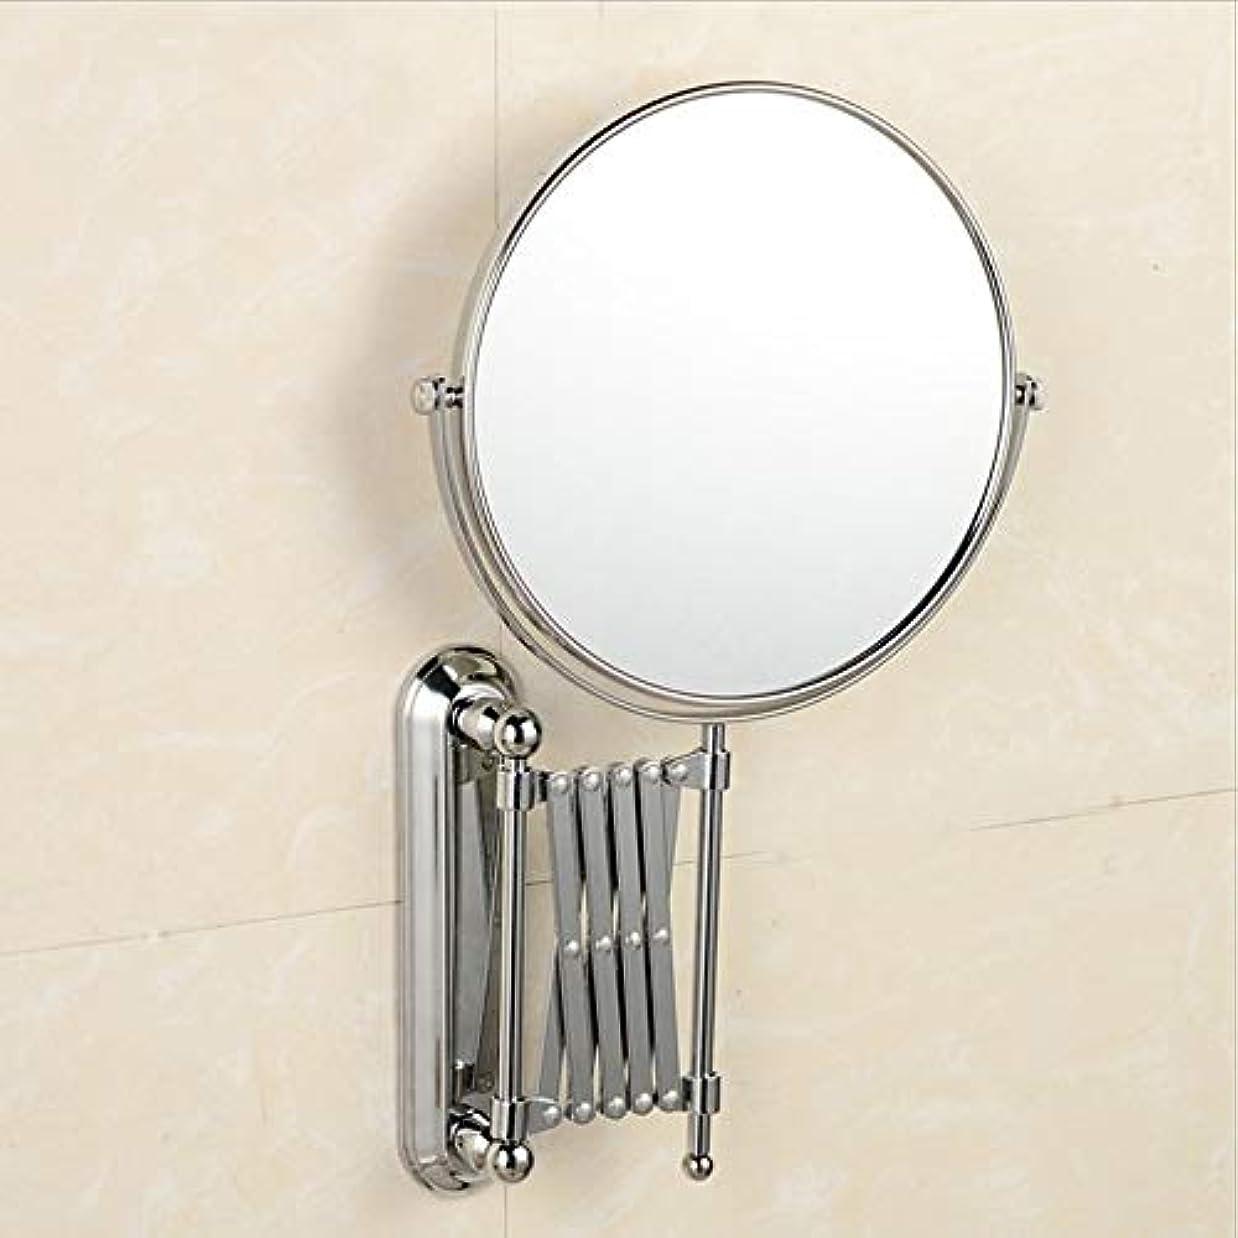 資格情報アシュリータファーマン護衛流行の 両面美容化粧鏡折りたたみ美容鏡浴室美容化粧鏡ステンレス鋼6インチシルバー